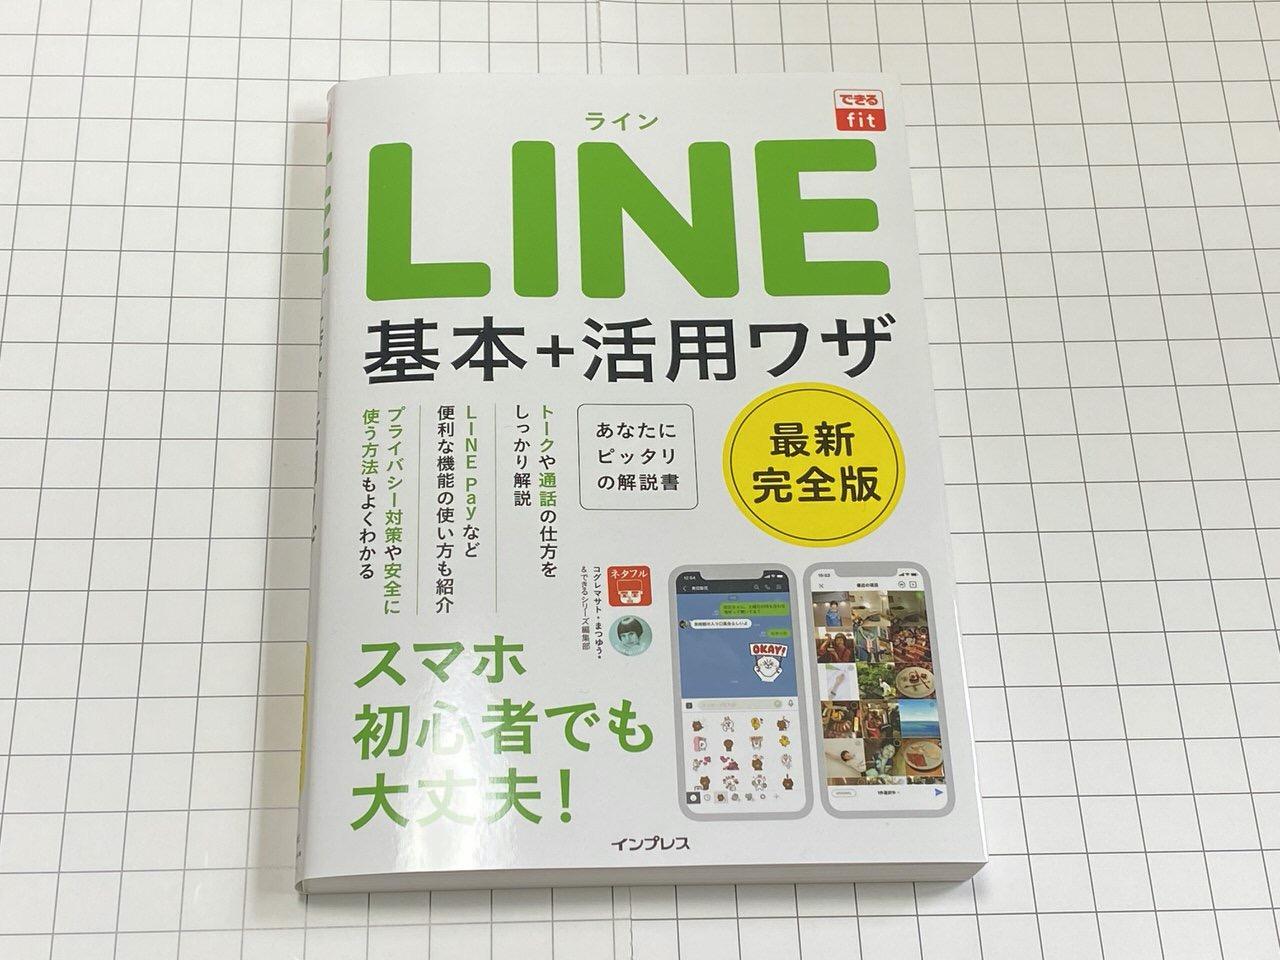 【新刊】できるfit「LINE 基本+活用ワザ」LINE本の改訂版が5月15日より発売開始!